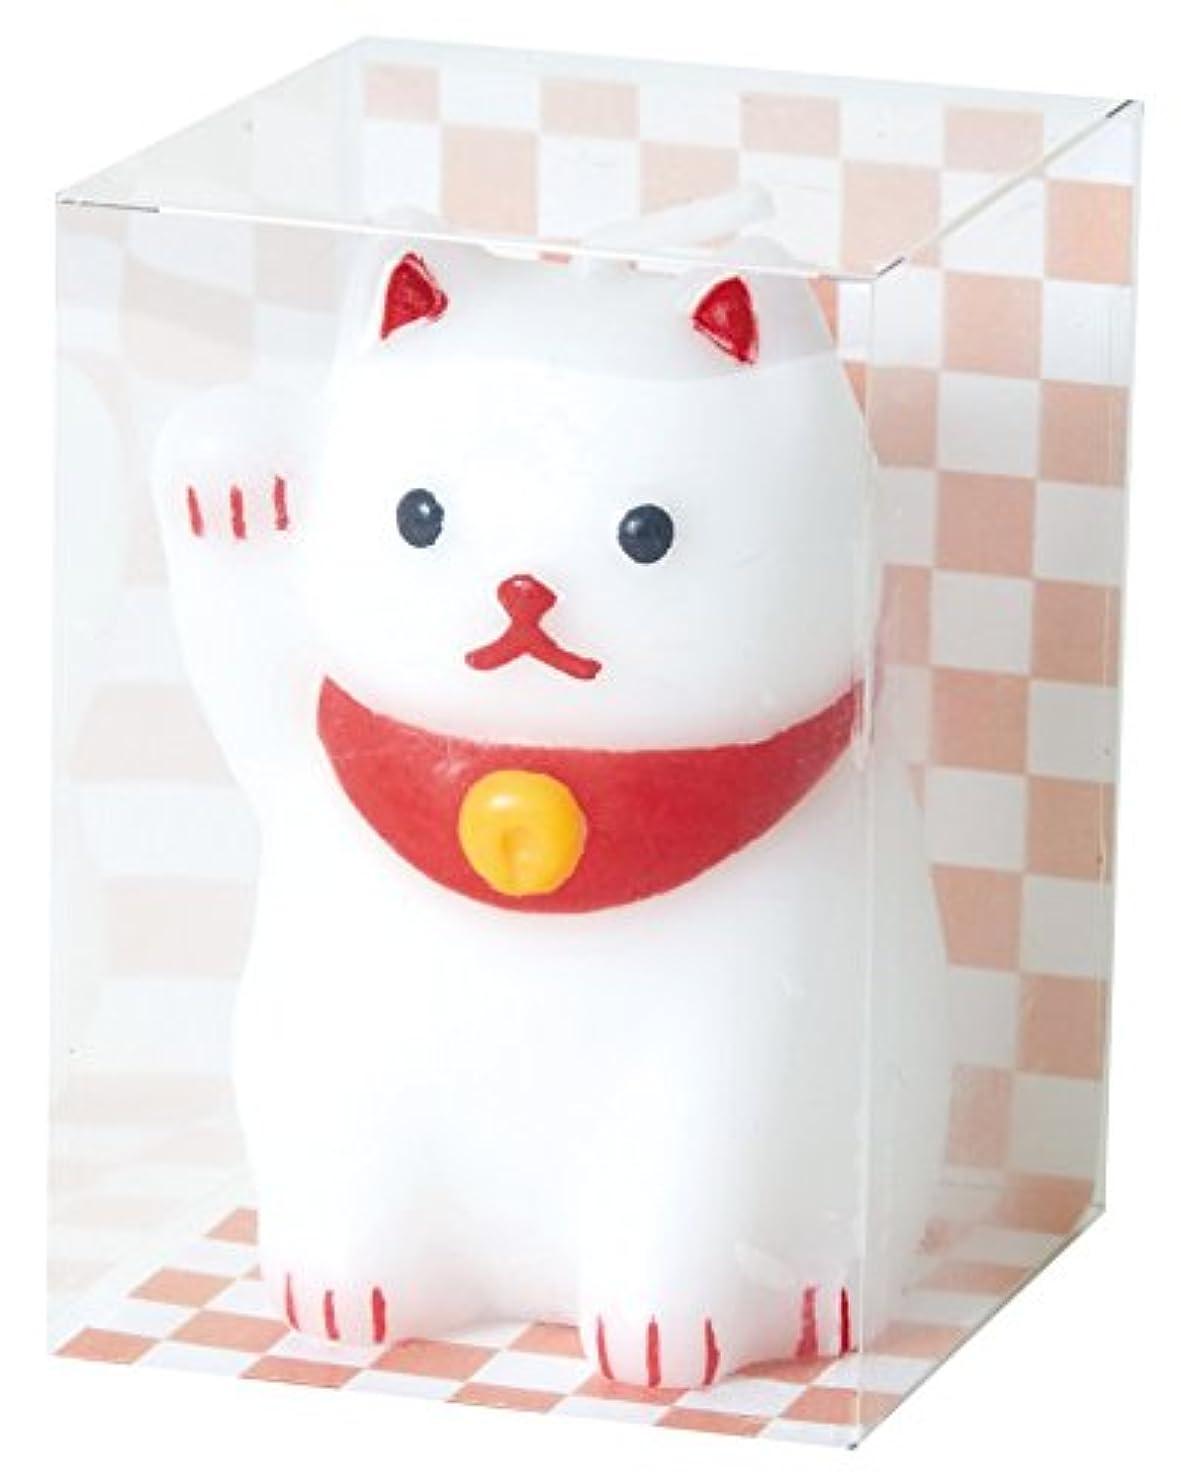 ダイバー孤独パンサーカメヤマキャンドルハウス 福びよりキャンドル 招き猫